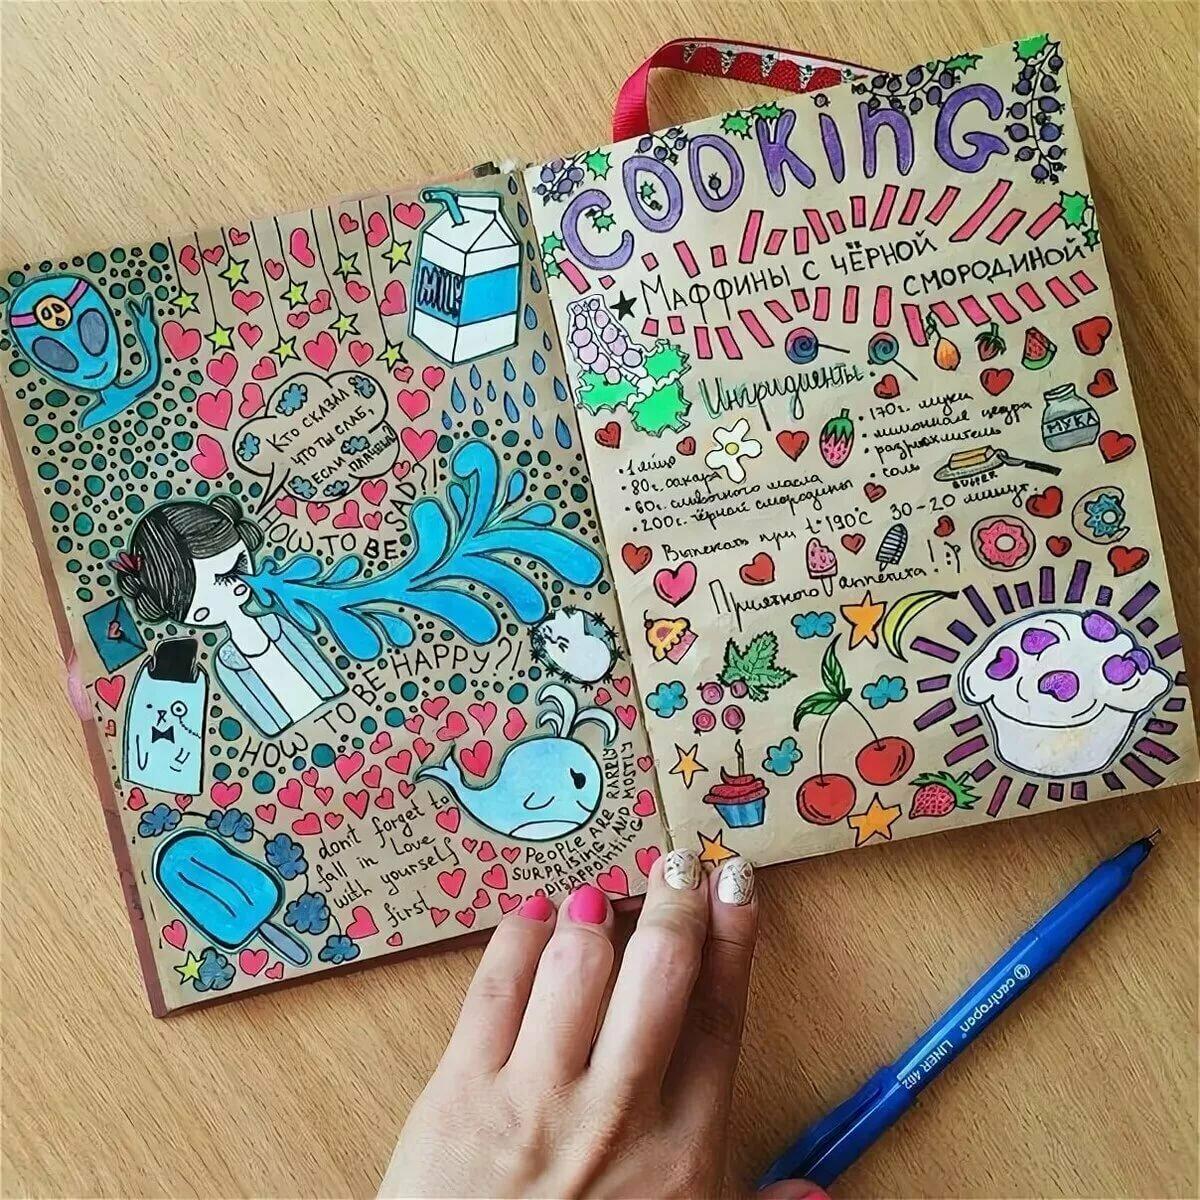 Картинки своими руками в личном дневнике